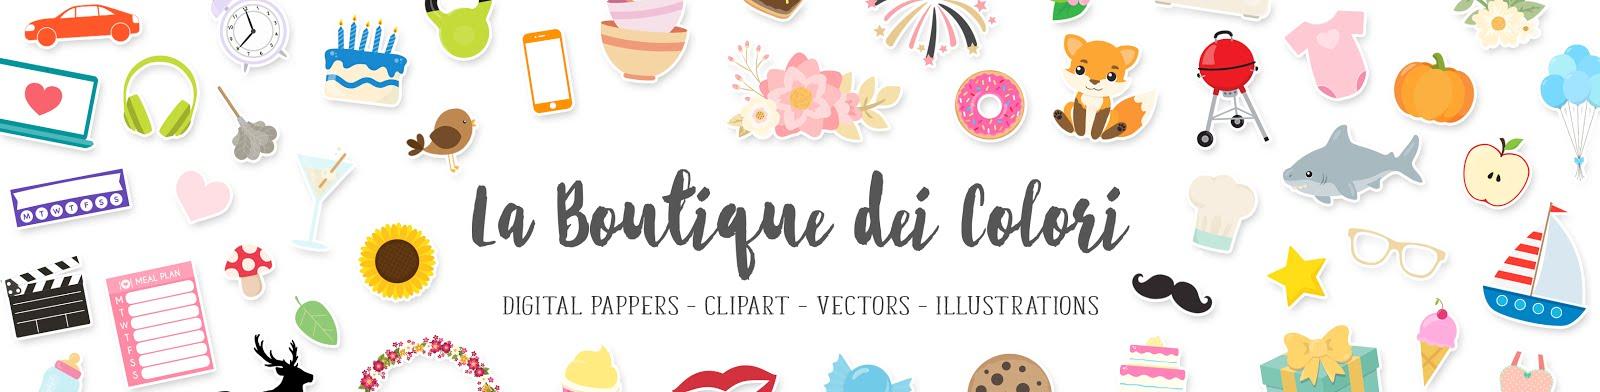 La Boutique dei Colori Blog